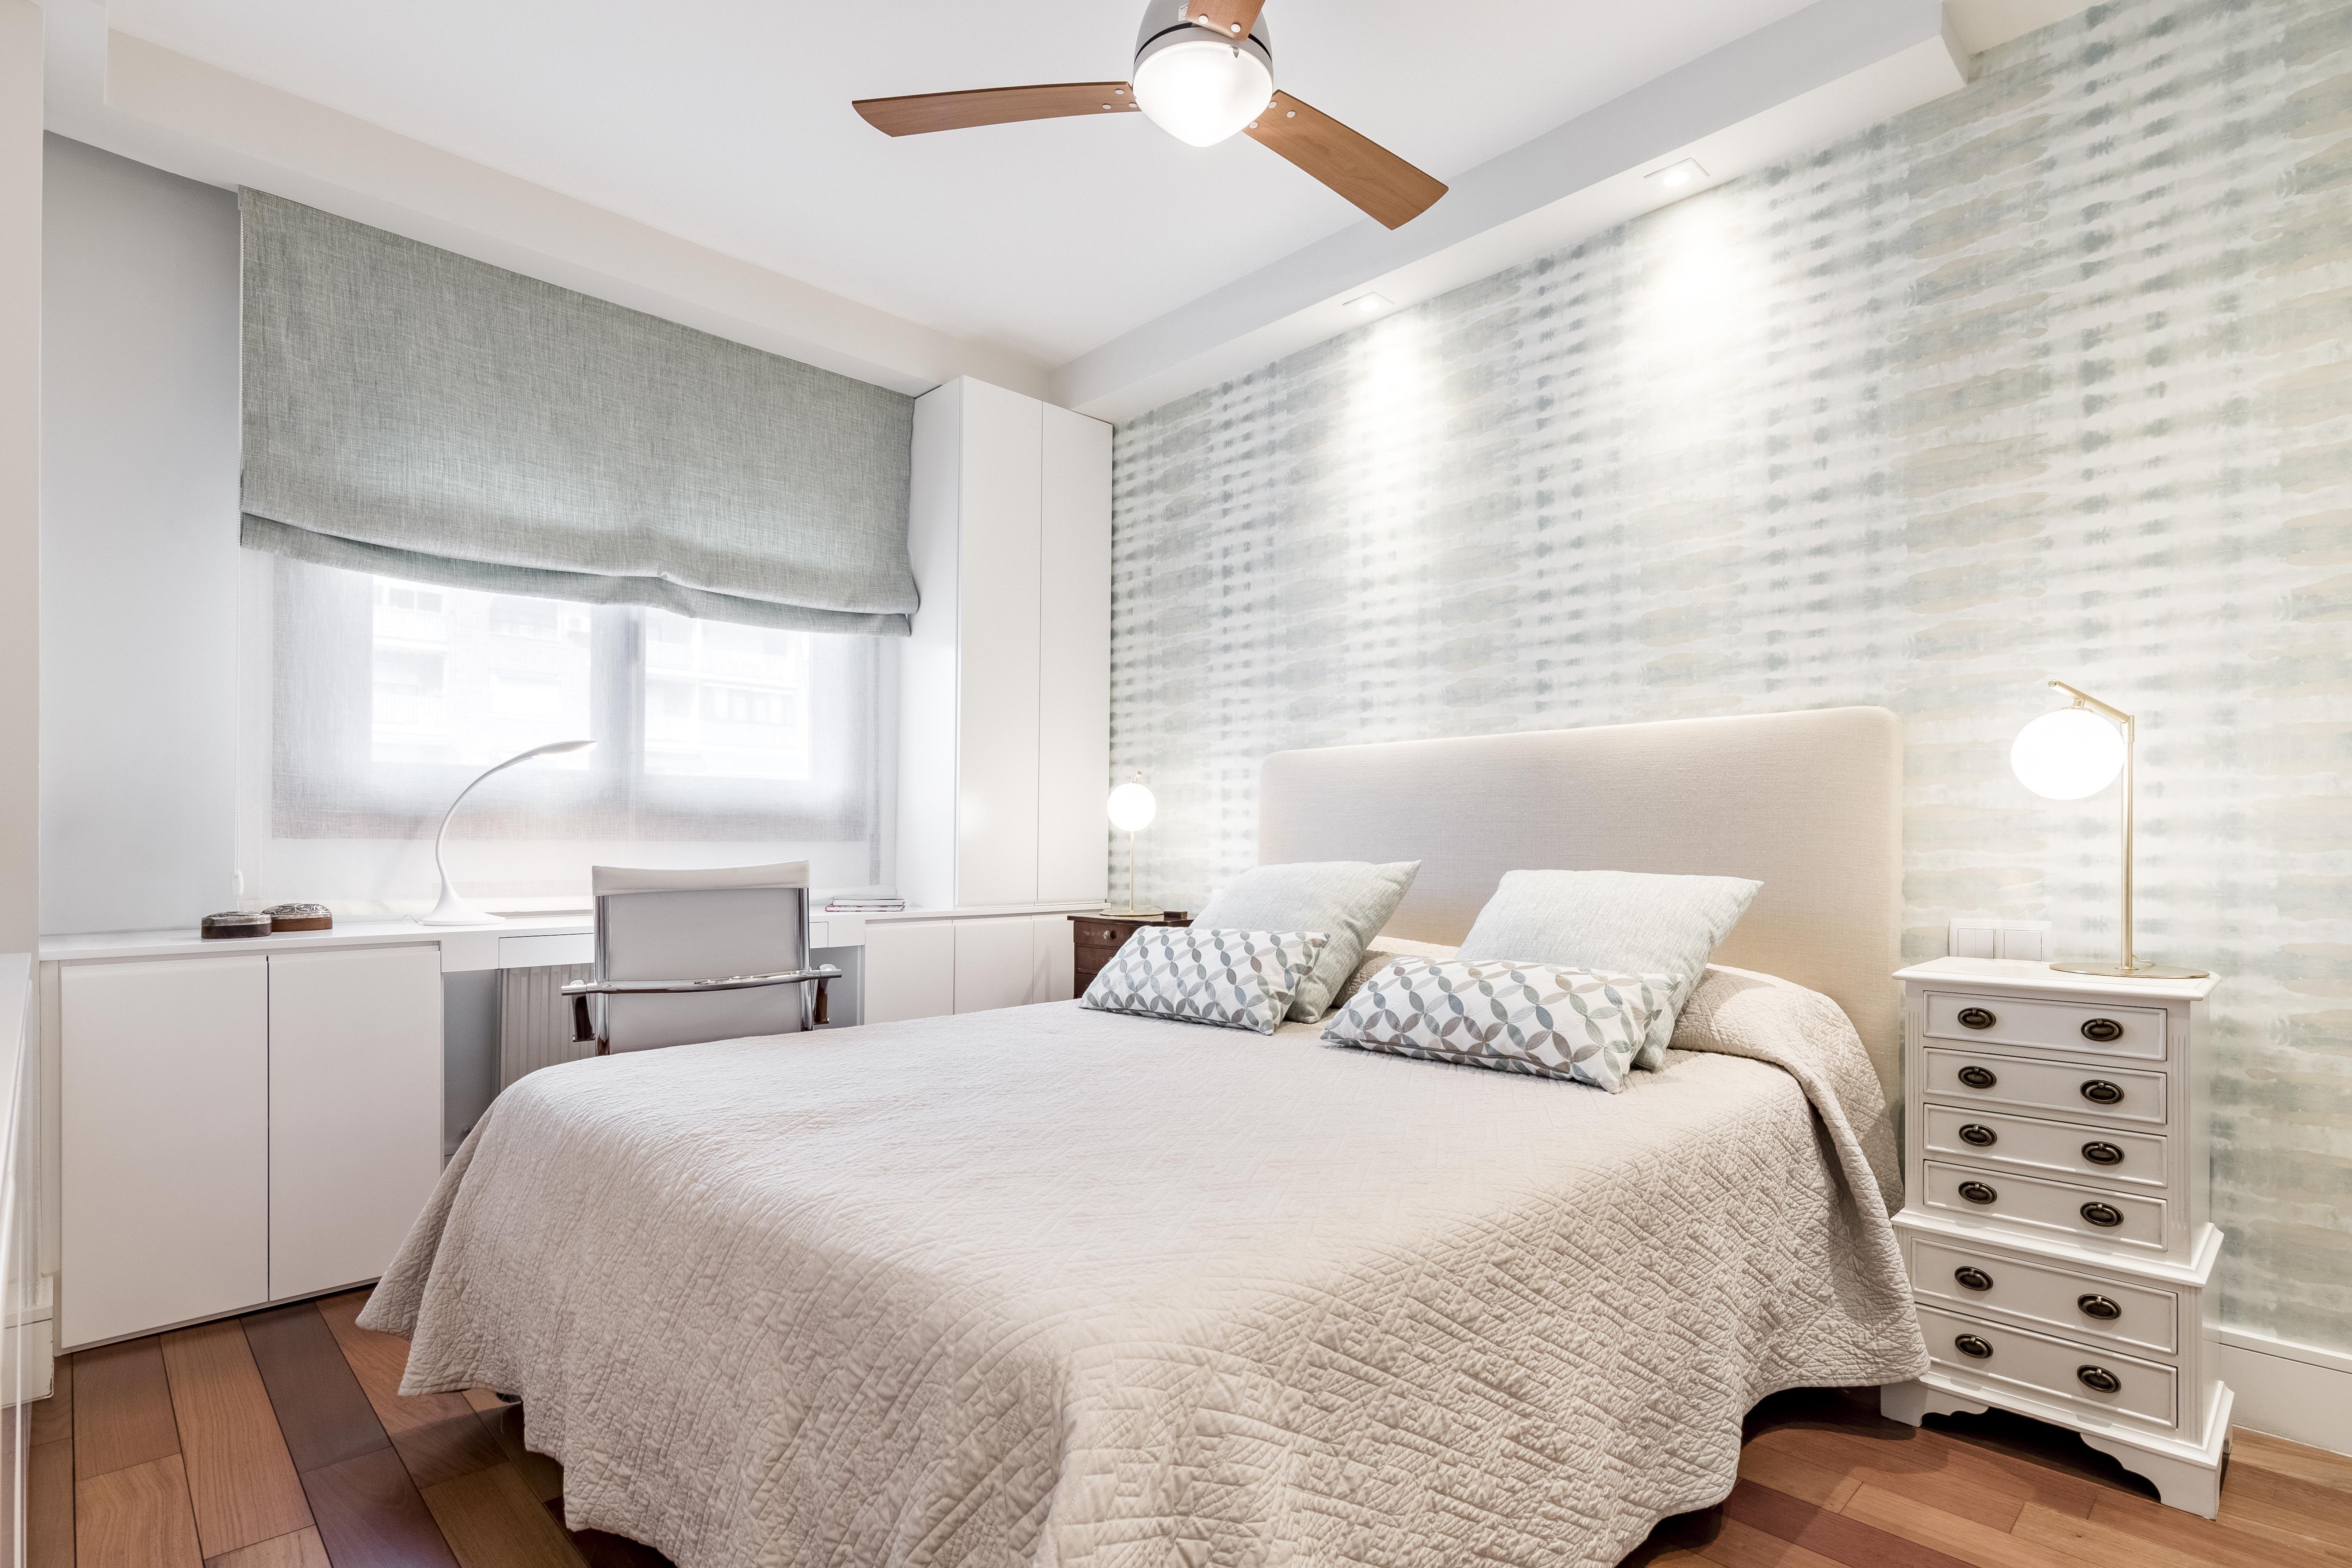 Interiorismo dormitorio en madrid - Ana de Cabo (2)